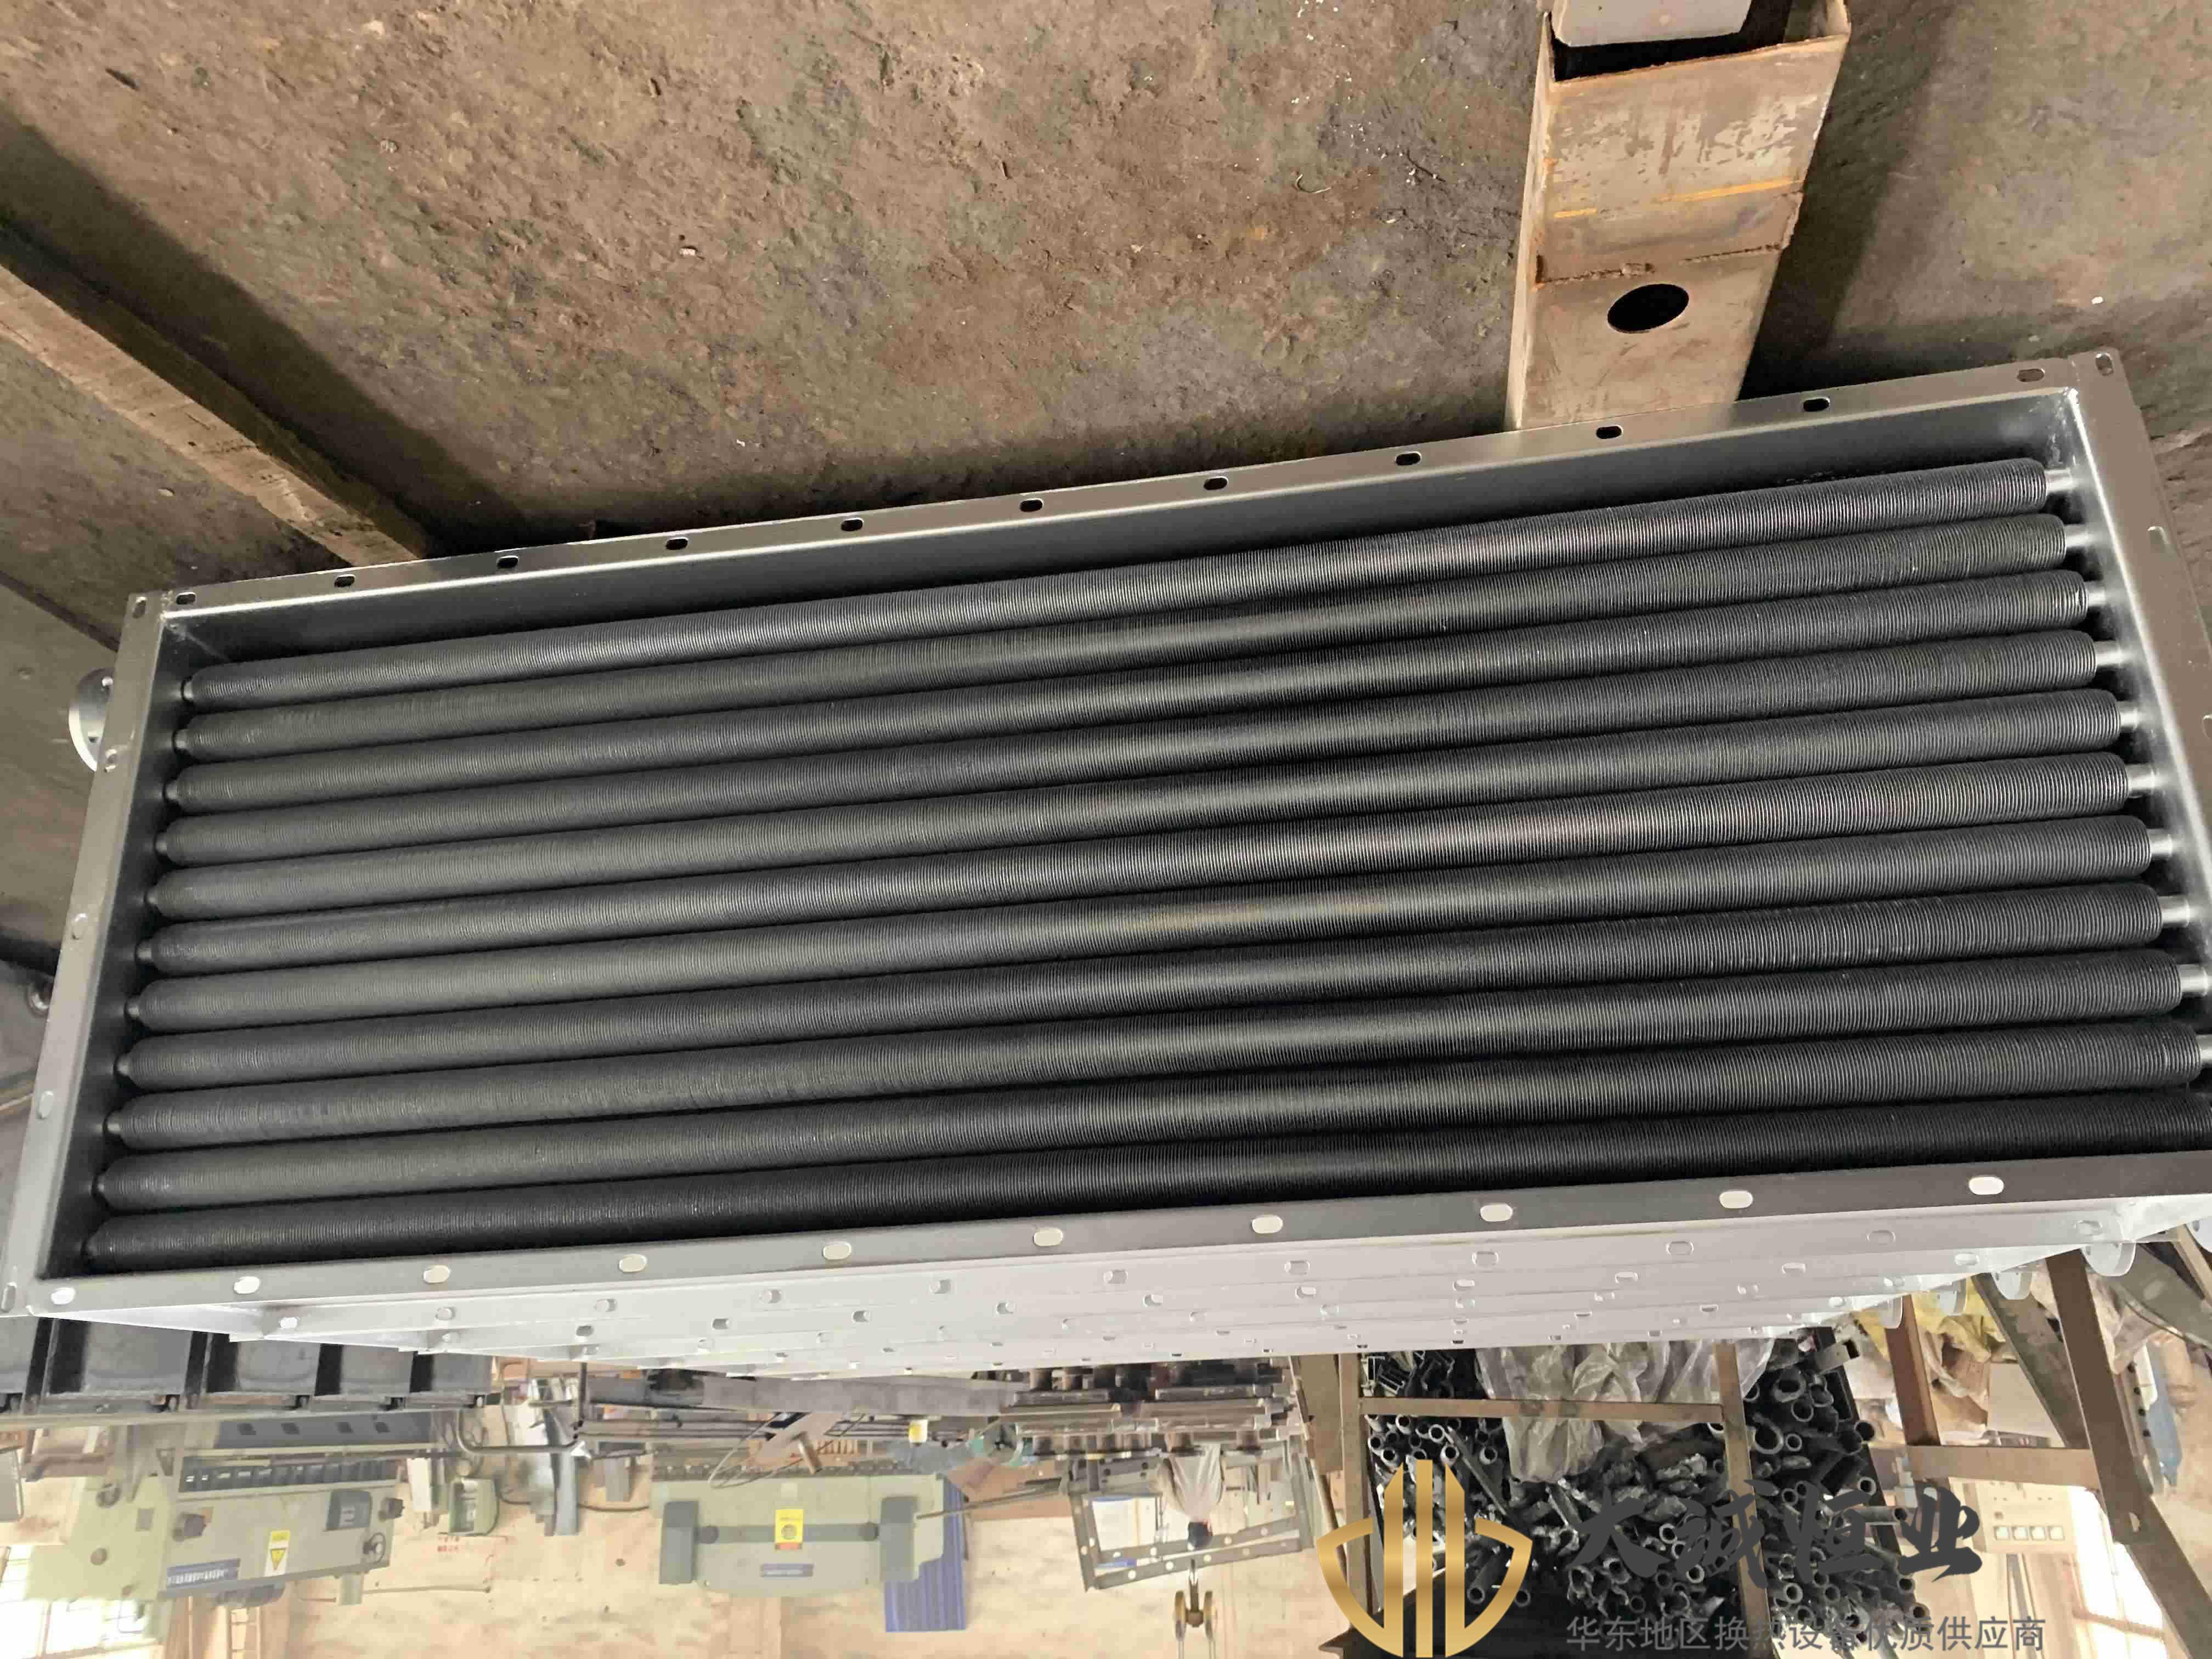 廢氣冷凝器廢氣冷卻器對流散熱器翅片式散熱器換熱器廠螺旋式換熱器無錫散熱器散熱器散熱器熱水散熱器熱管散熱器散熱器散熱器